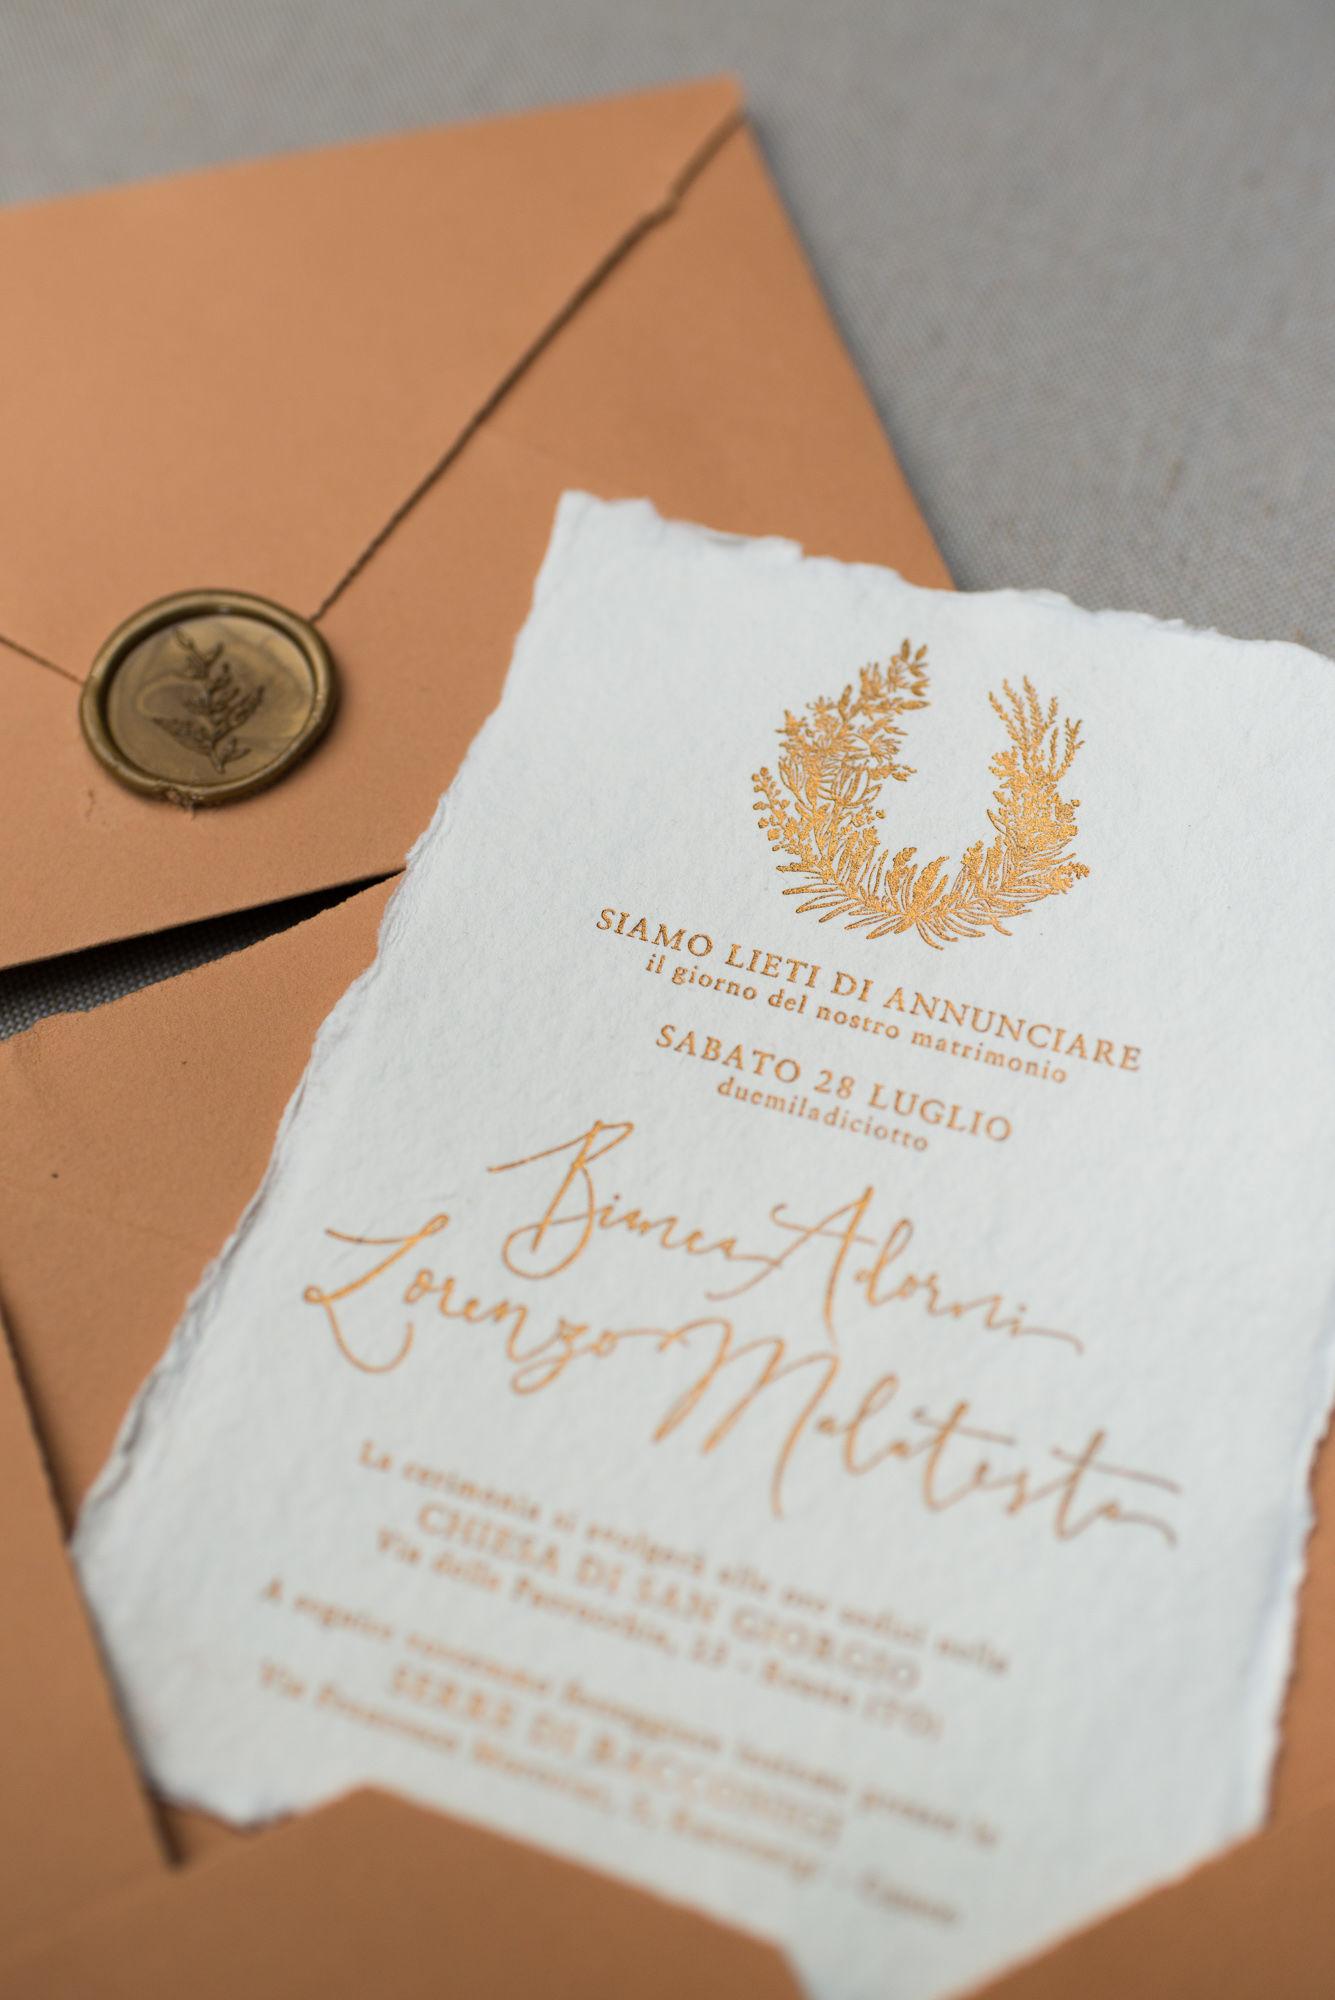 Partecipazioni Matrimonio On Line Low Cost.Partecipazioni Matrimonio Rame Floreale Terracotta Studio Alispi